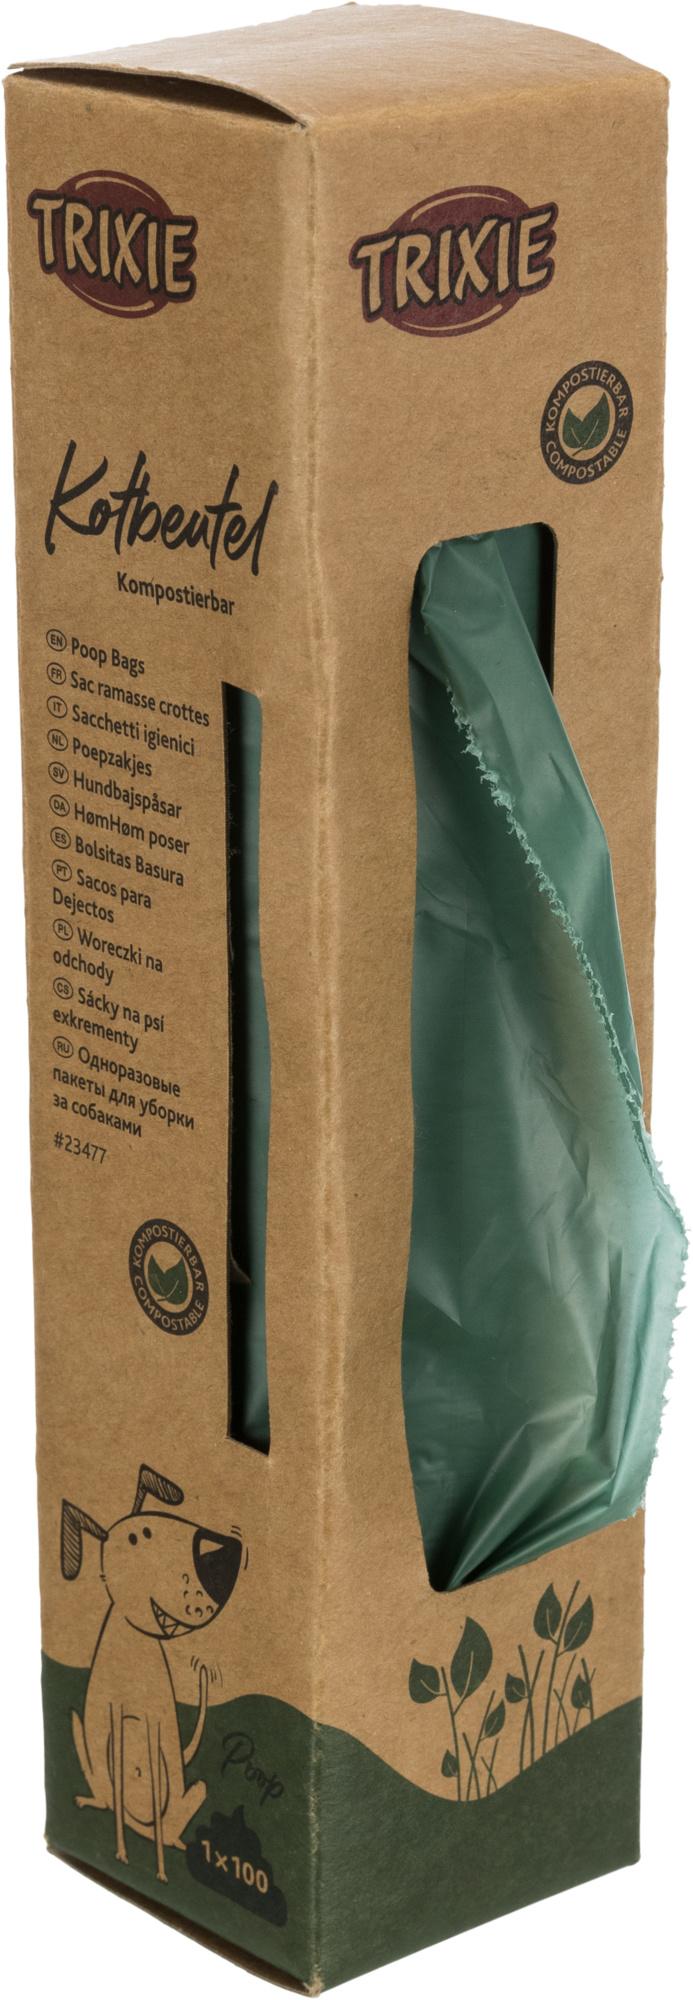 TRIXIE Hundekotbeutel, kompostierbar TRIXIE Hundekotbeutel, kompostierbar, 100 Btl., waldgrün